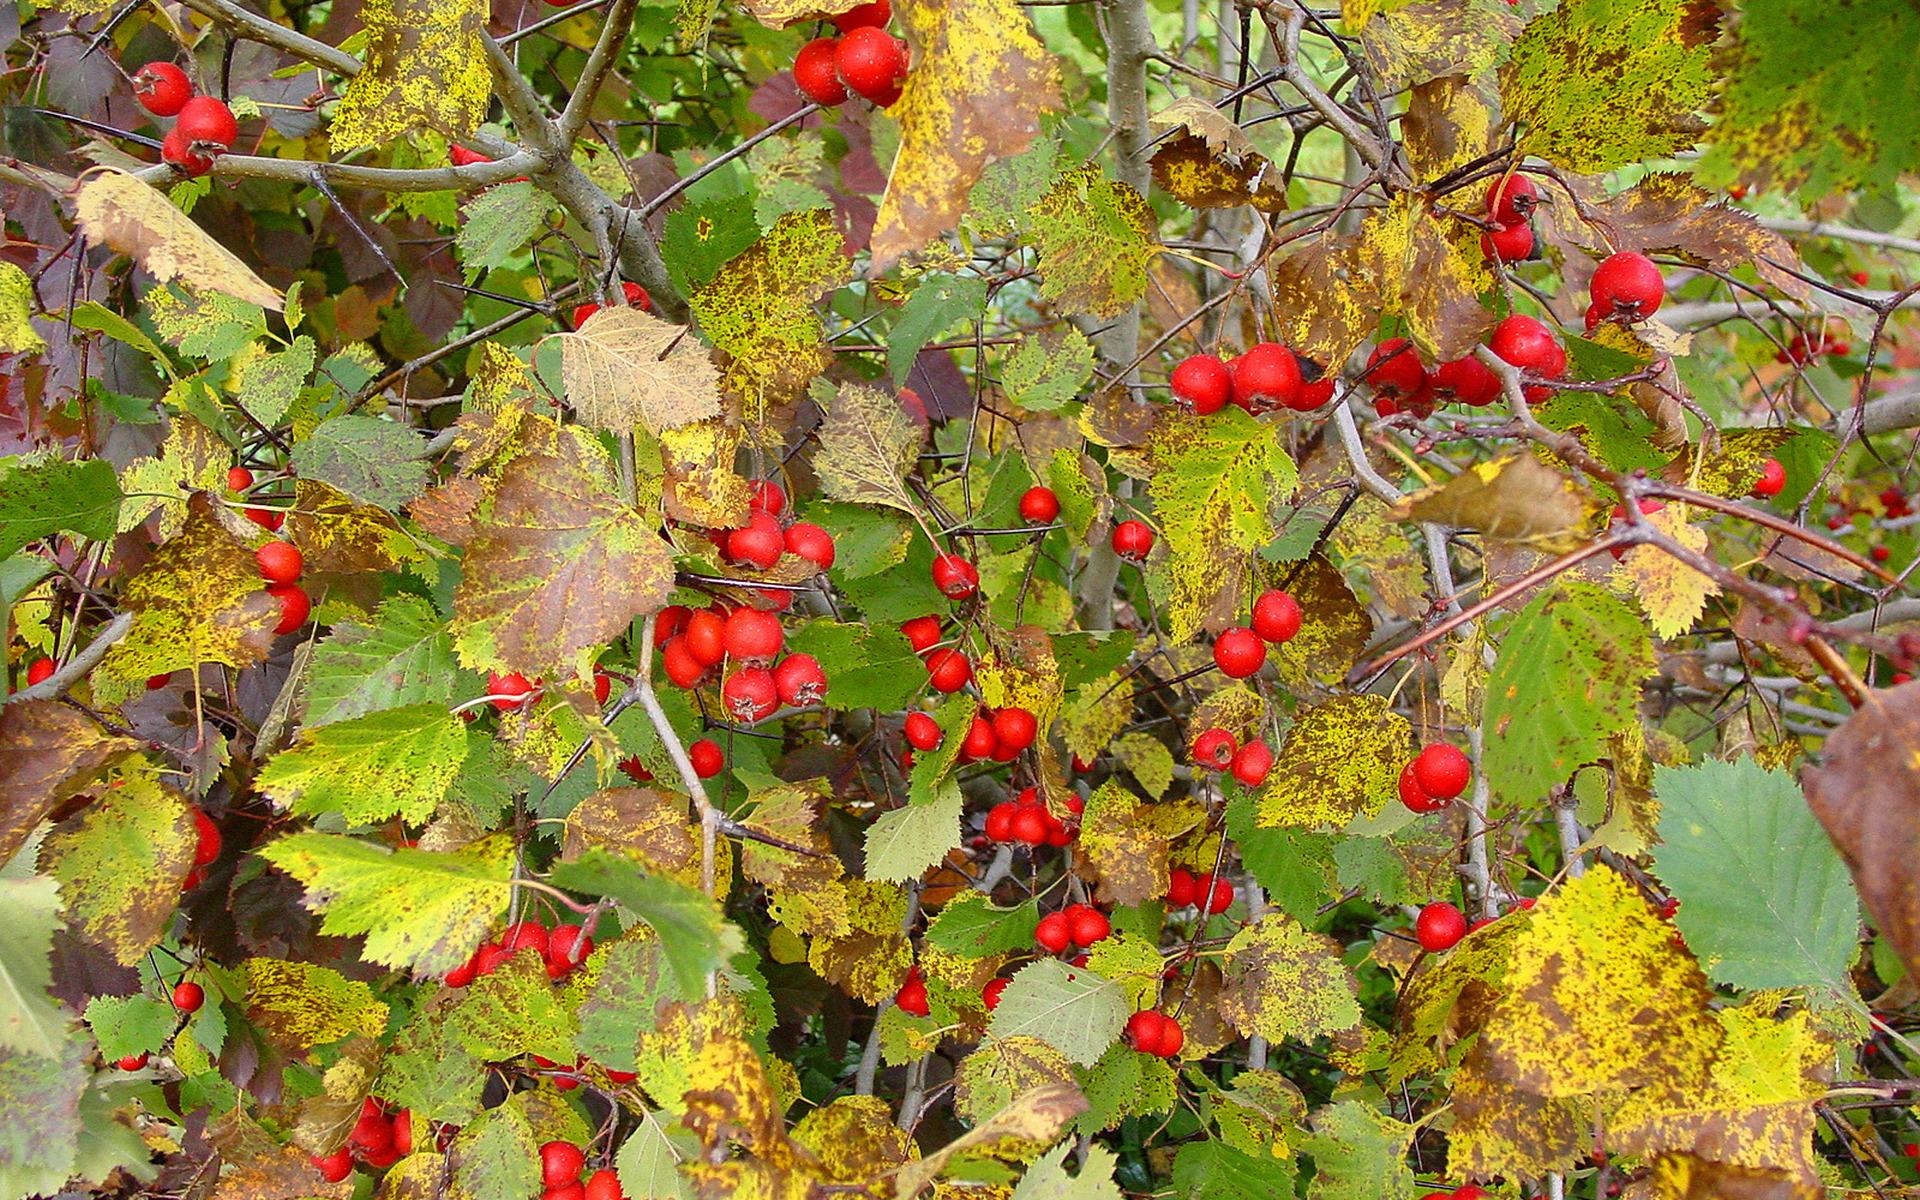 Фотосессии в лесу с ягодами 25 фотография